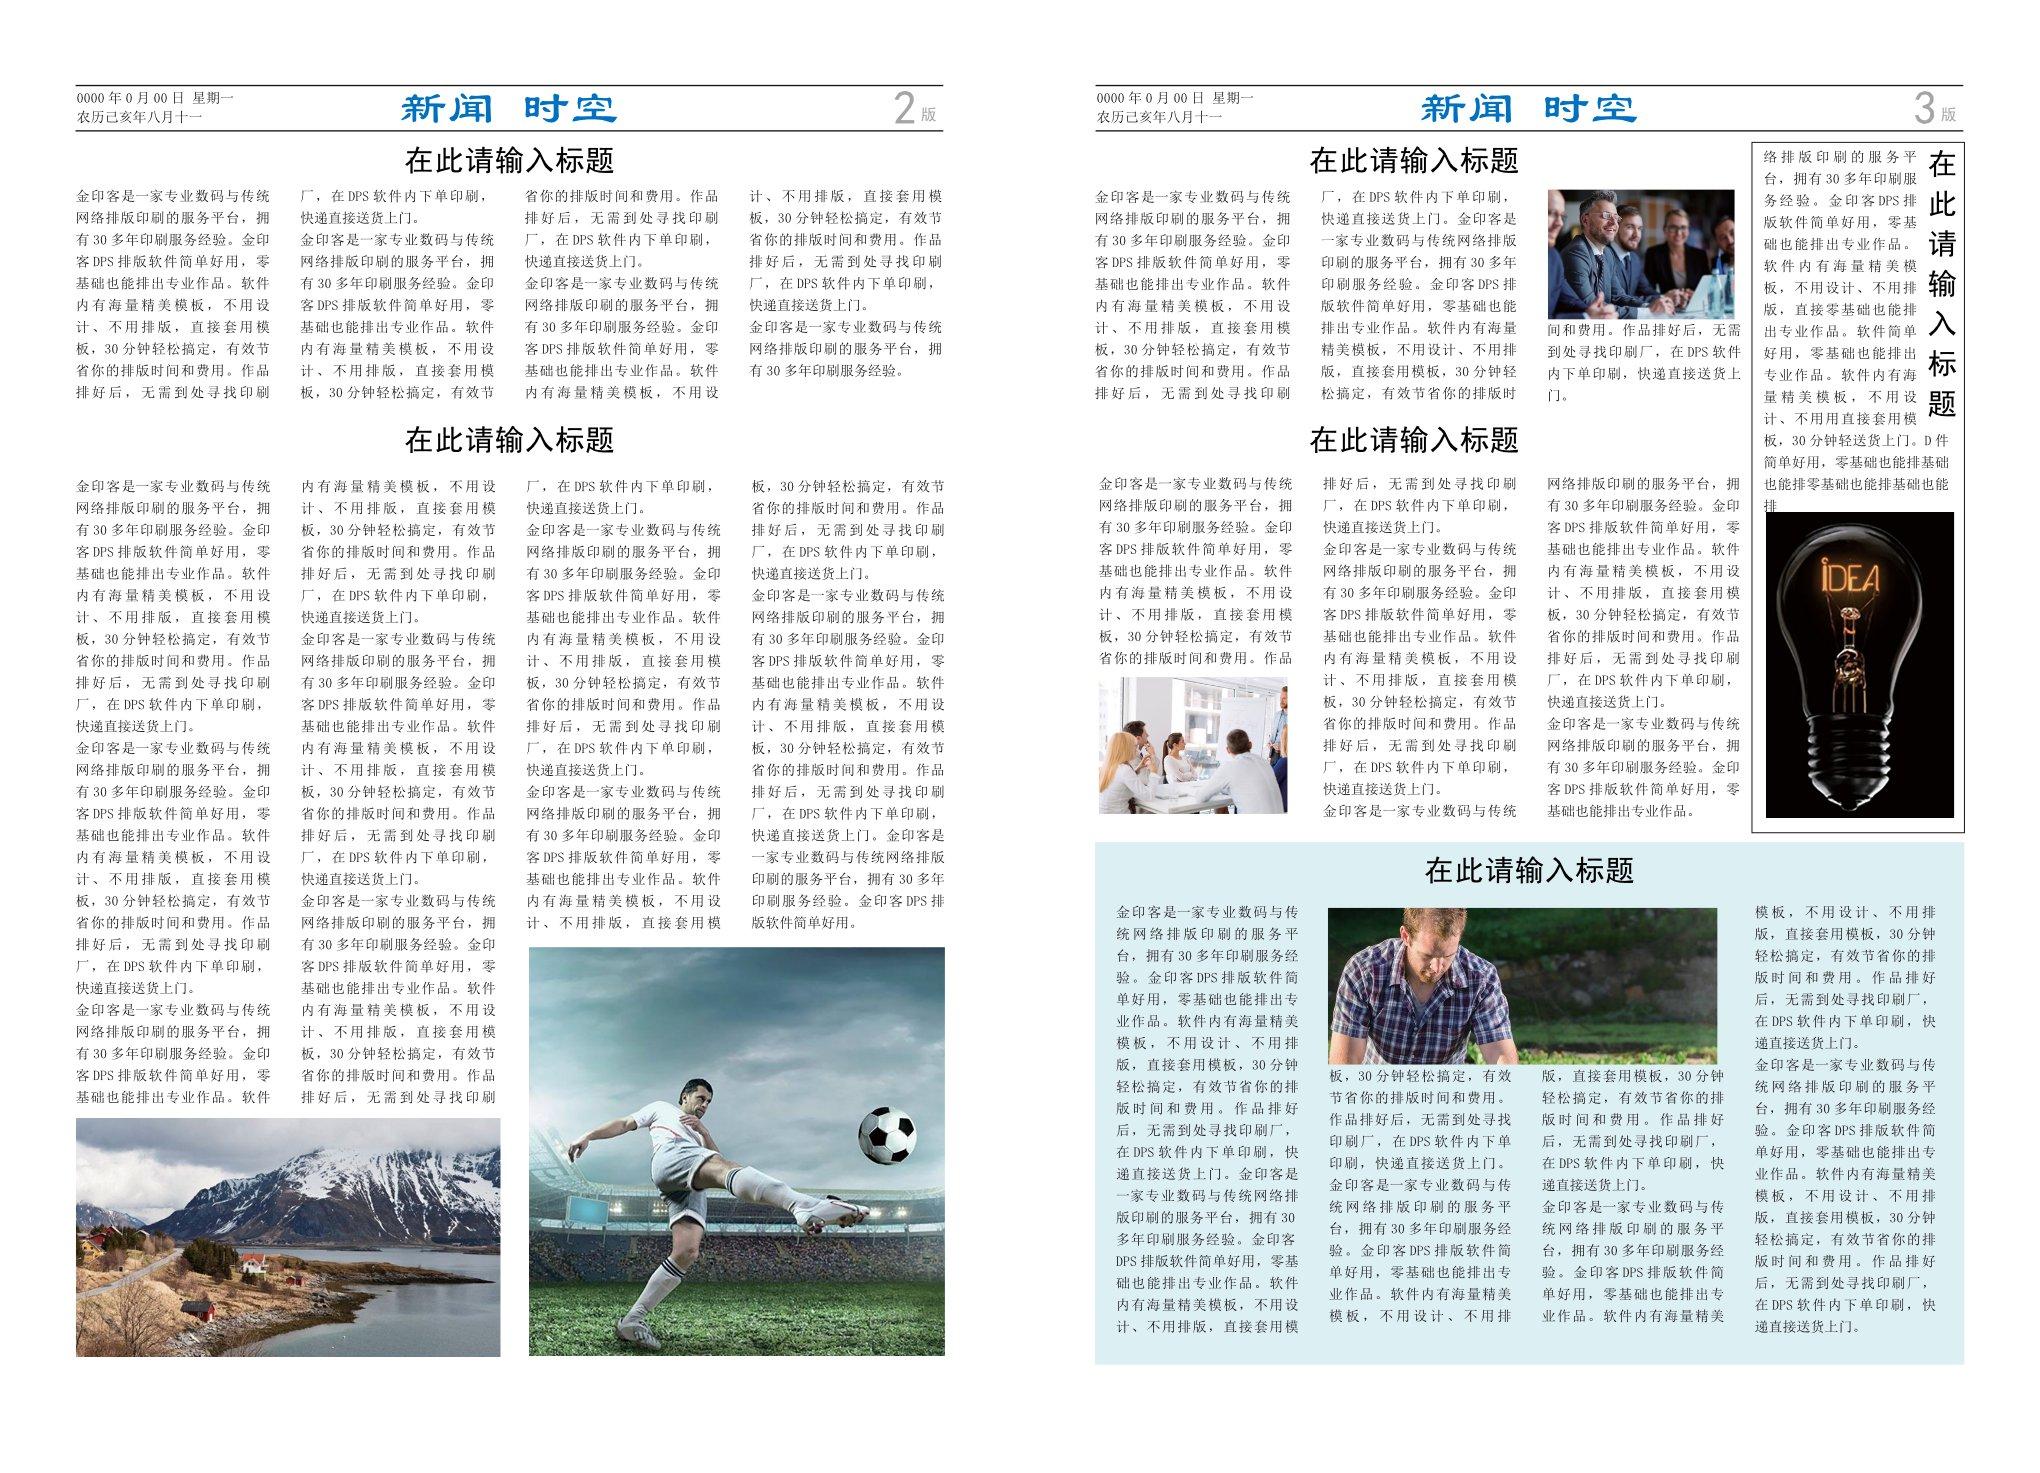 宝宝成长纪念册模板_综合报纸模板-模板-免费下载-金印客